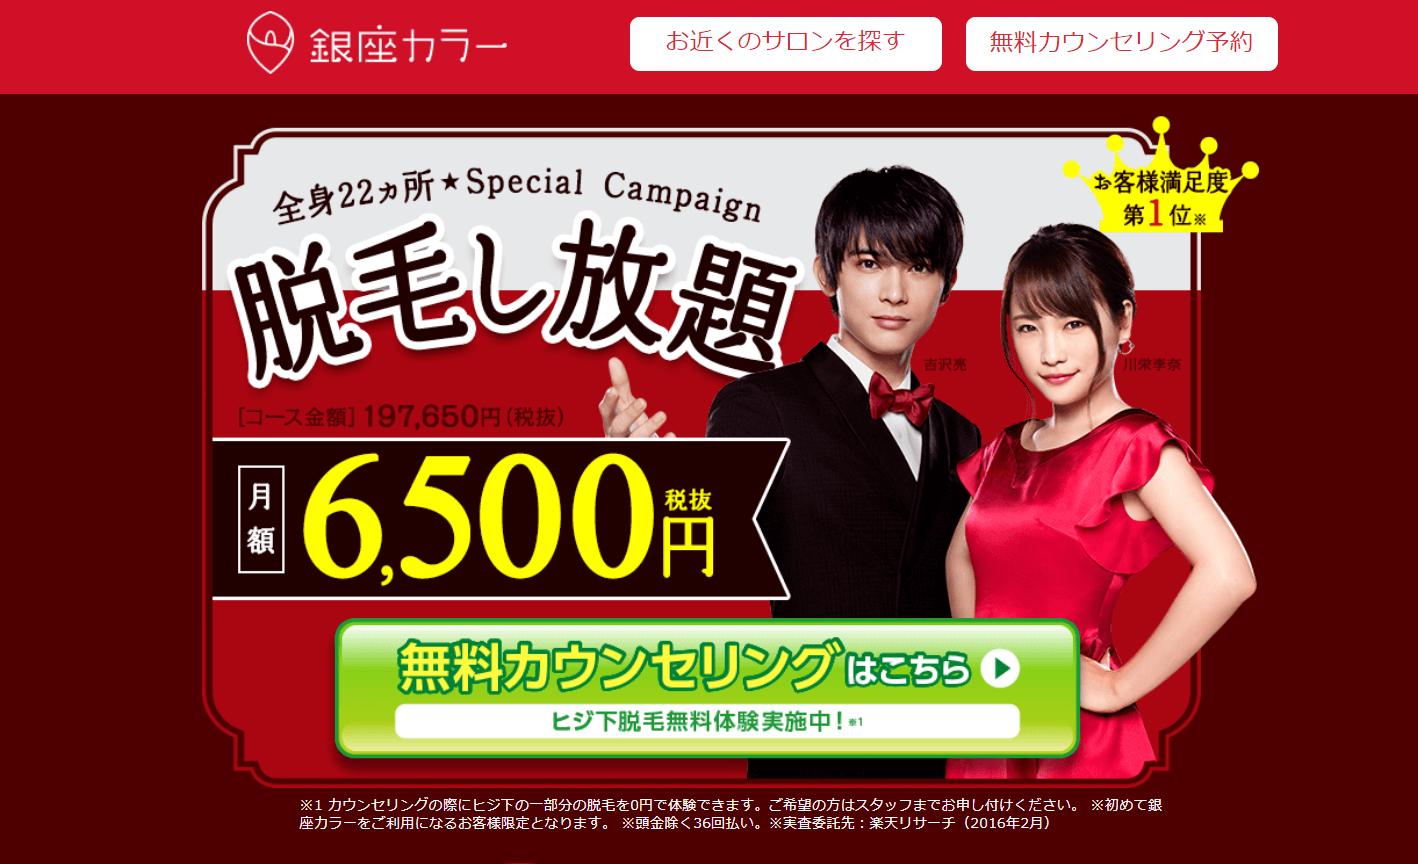 銀座カラーの公式サイトの画像